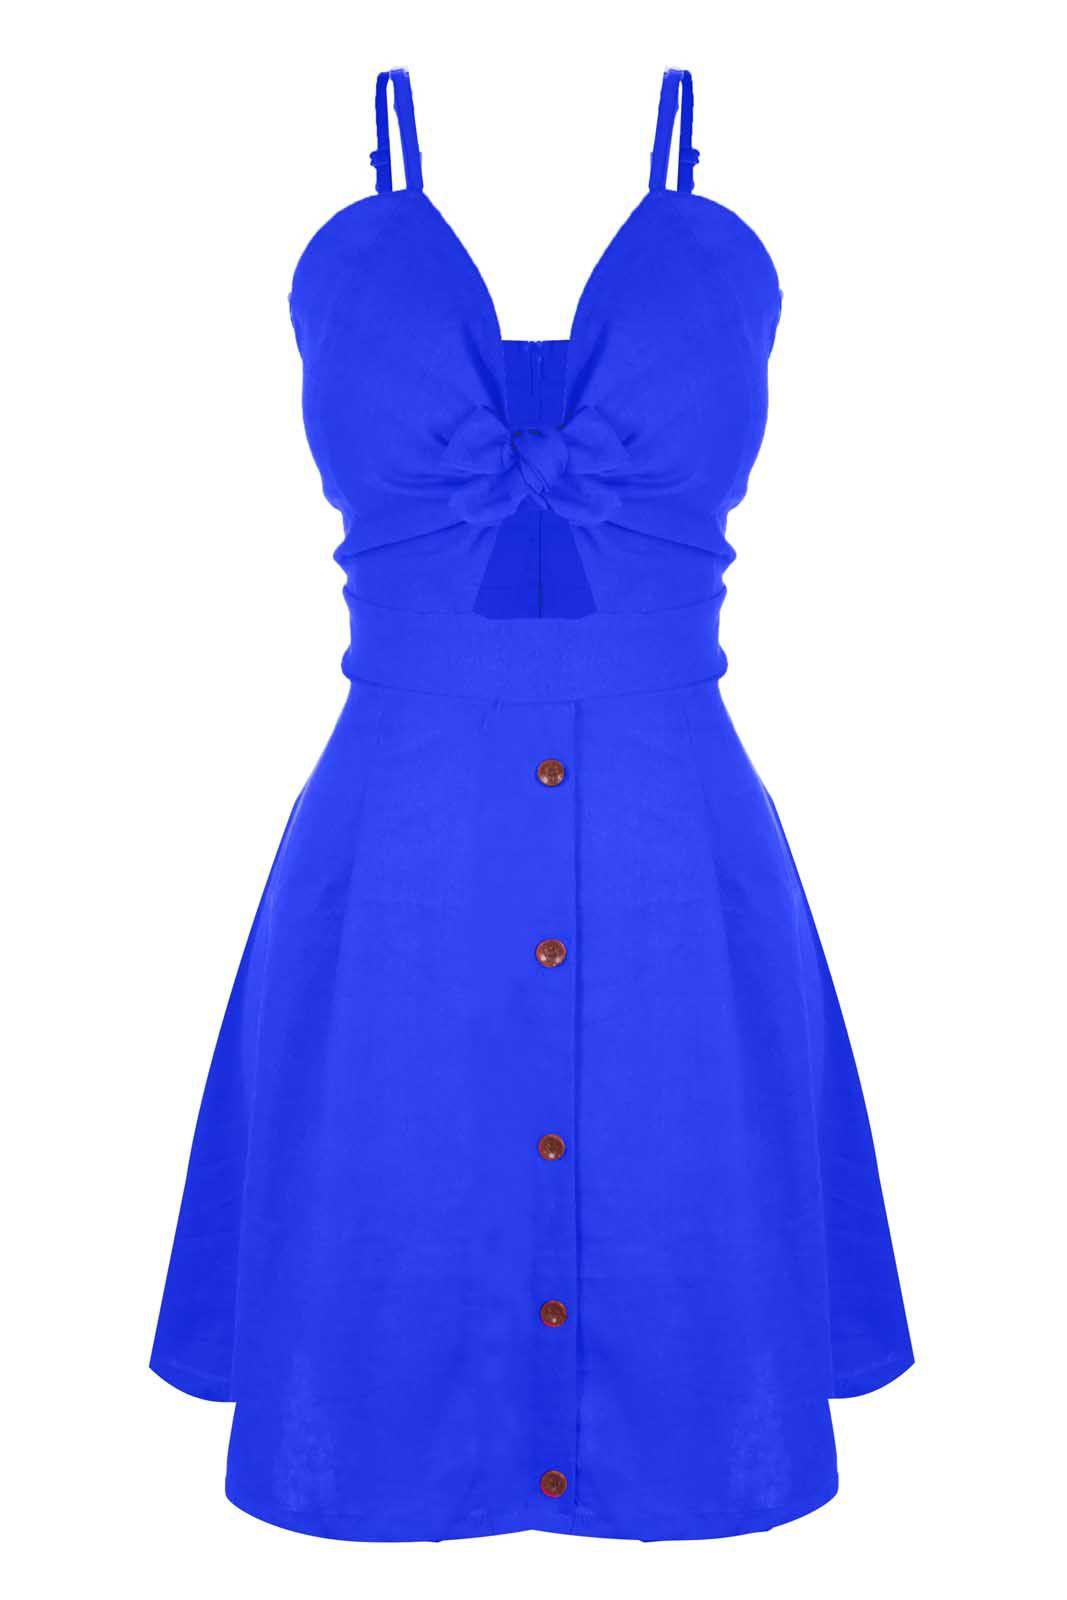 Vestido Outlet Dri Rodado Linho Botões Frontais Cores Primavera Verão Azul